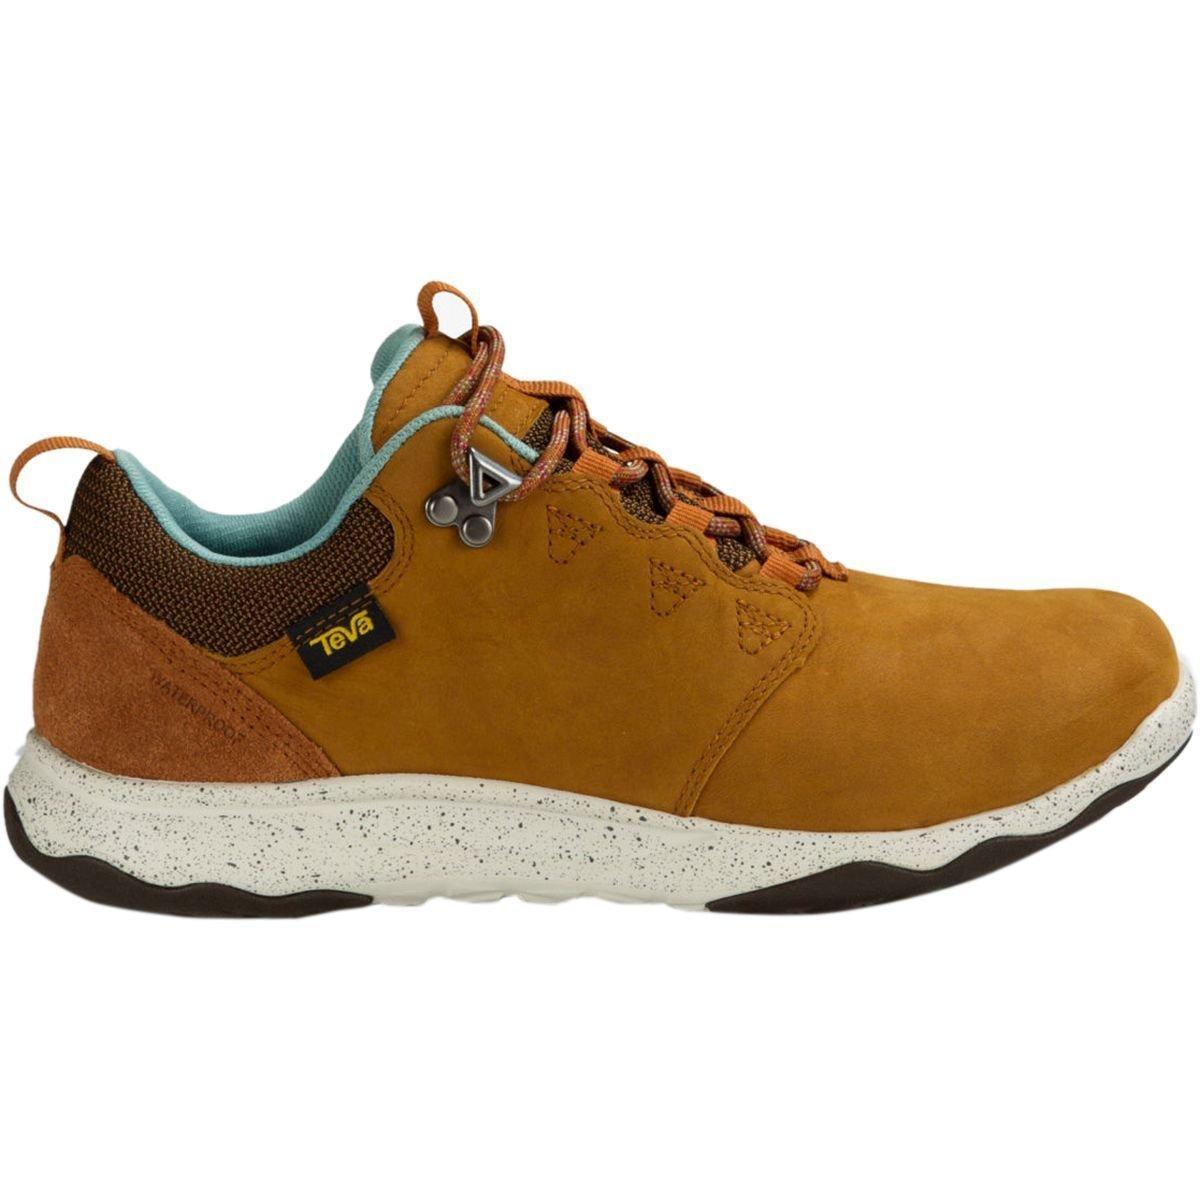 Teva Women's W Arrowood Lux Waterproof Hiking Shoe, Cognac, 9.5 M US